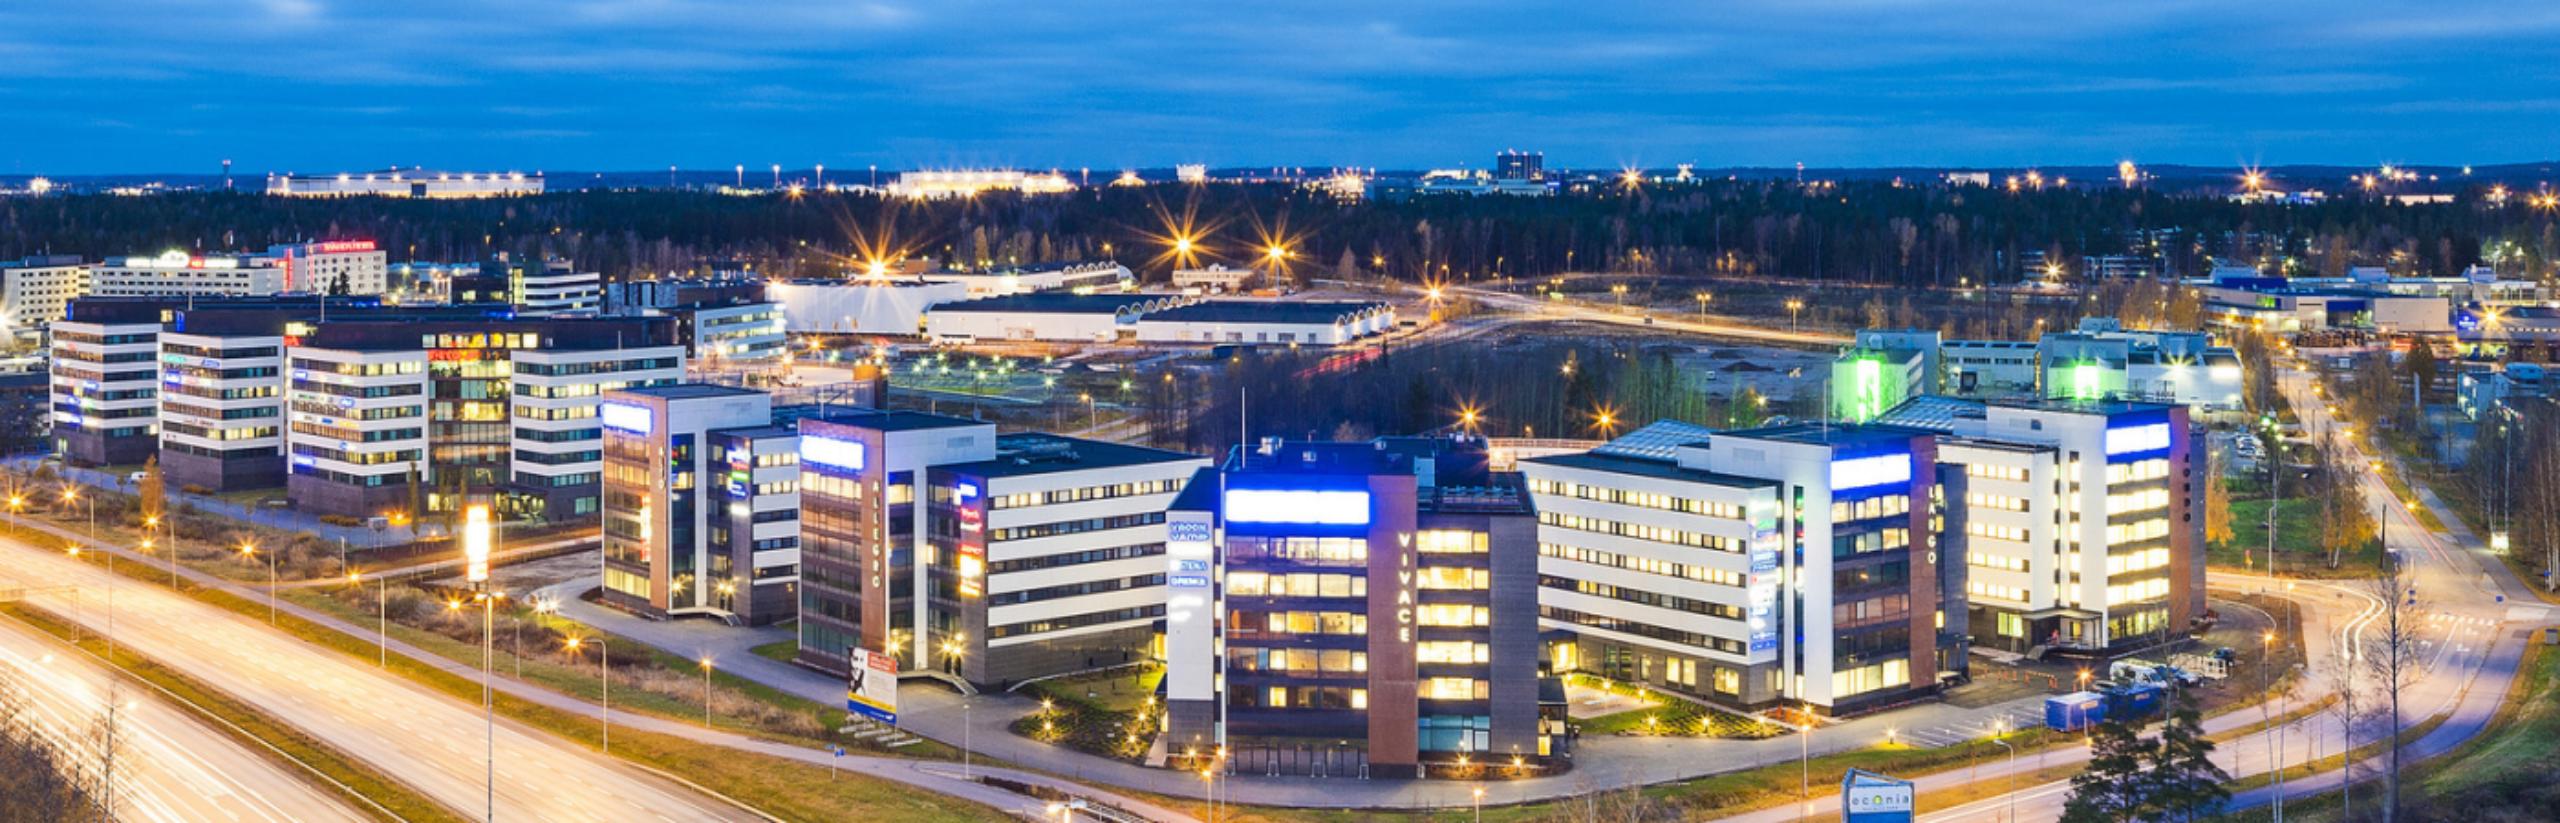 Kehittyvä Aviapolis yhdistää työn, asumisen ja palvelut